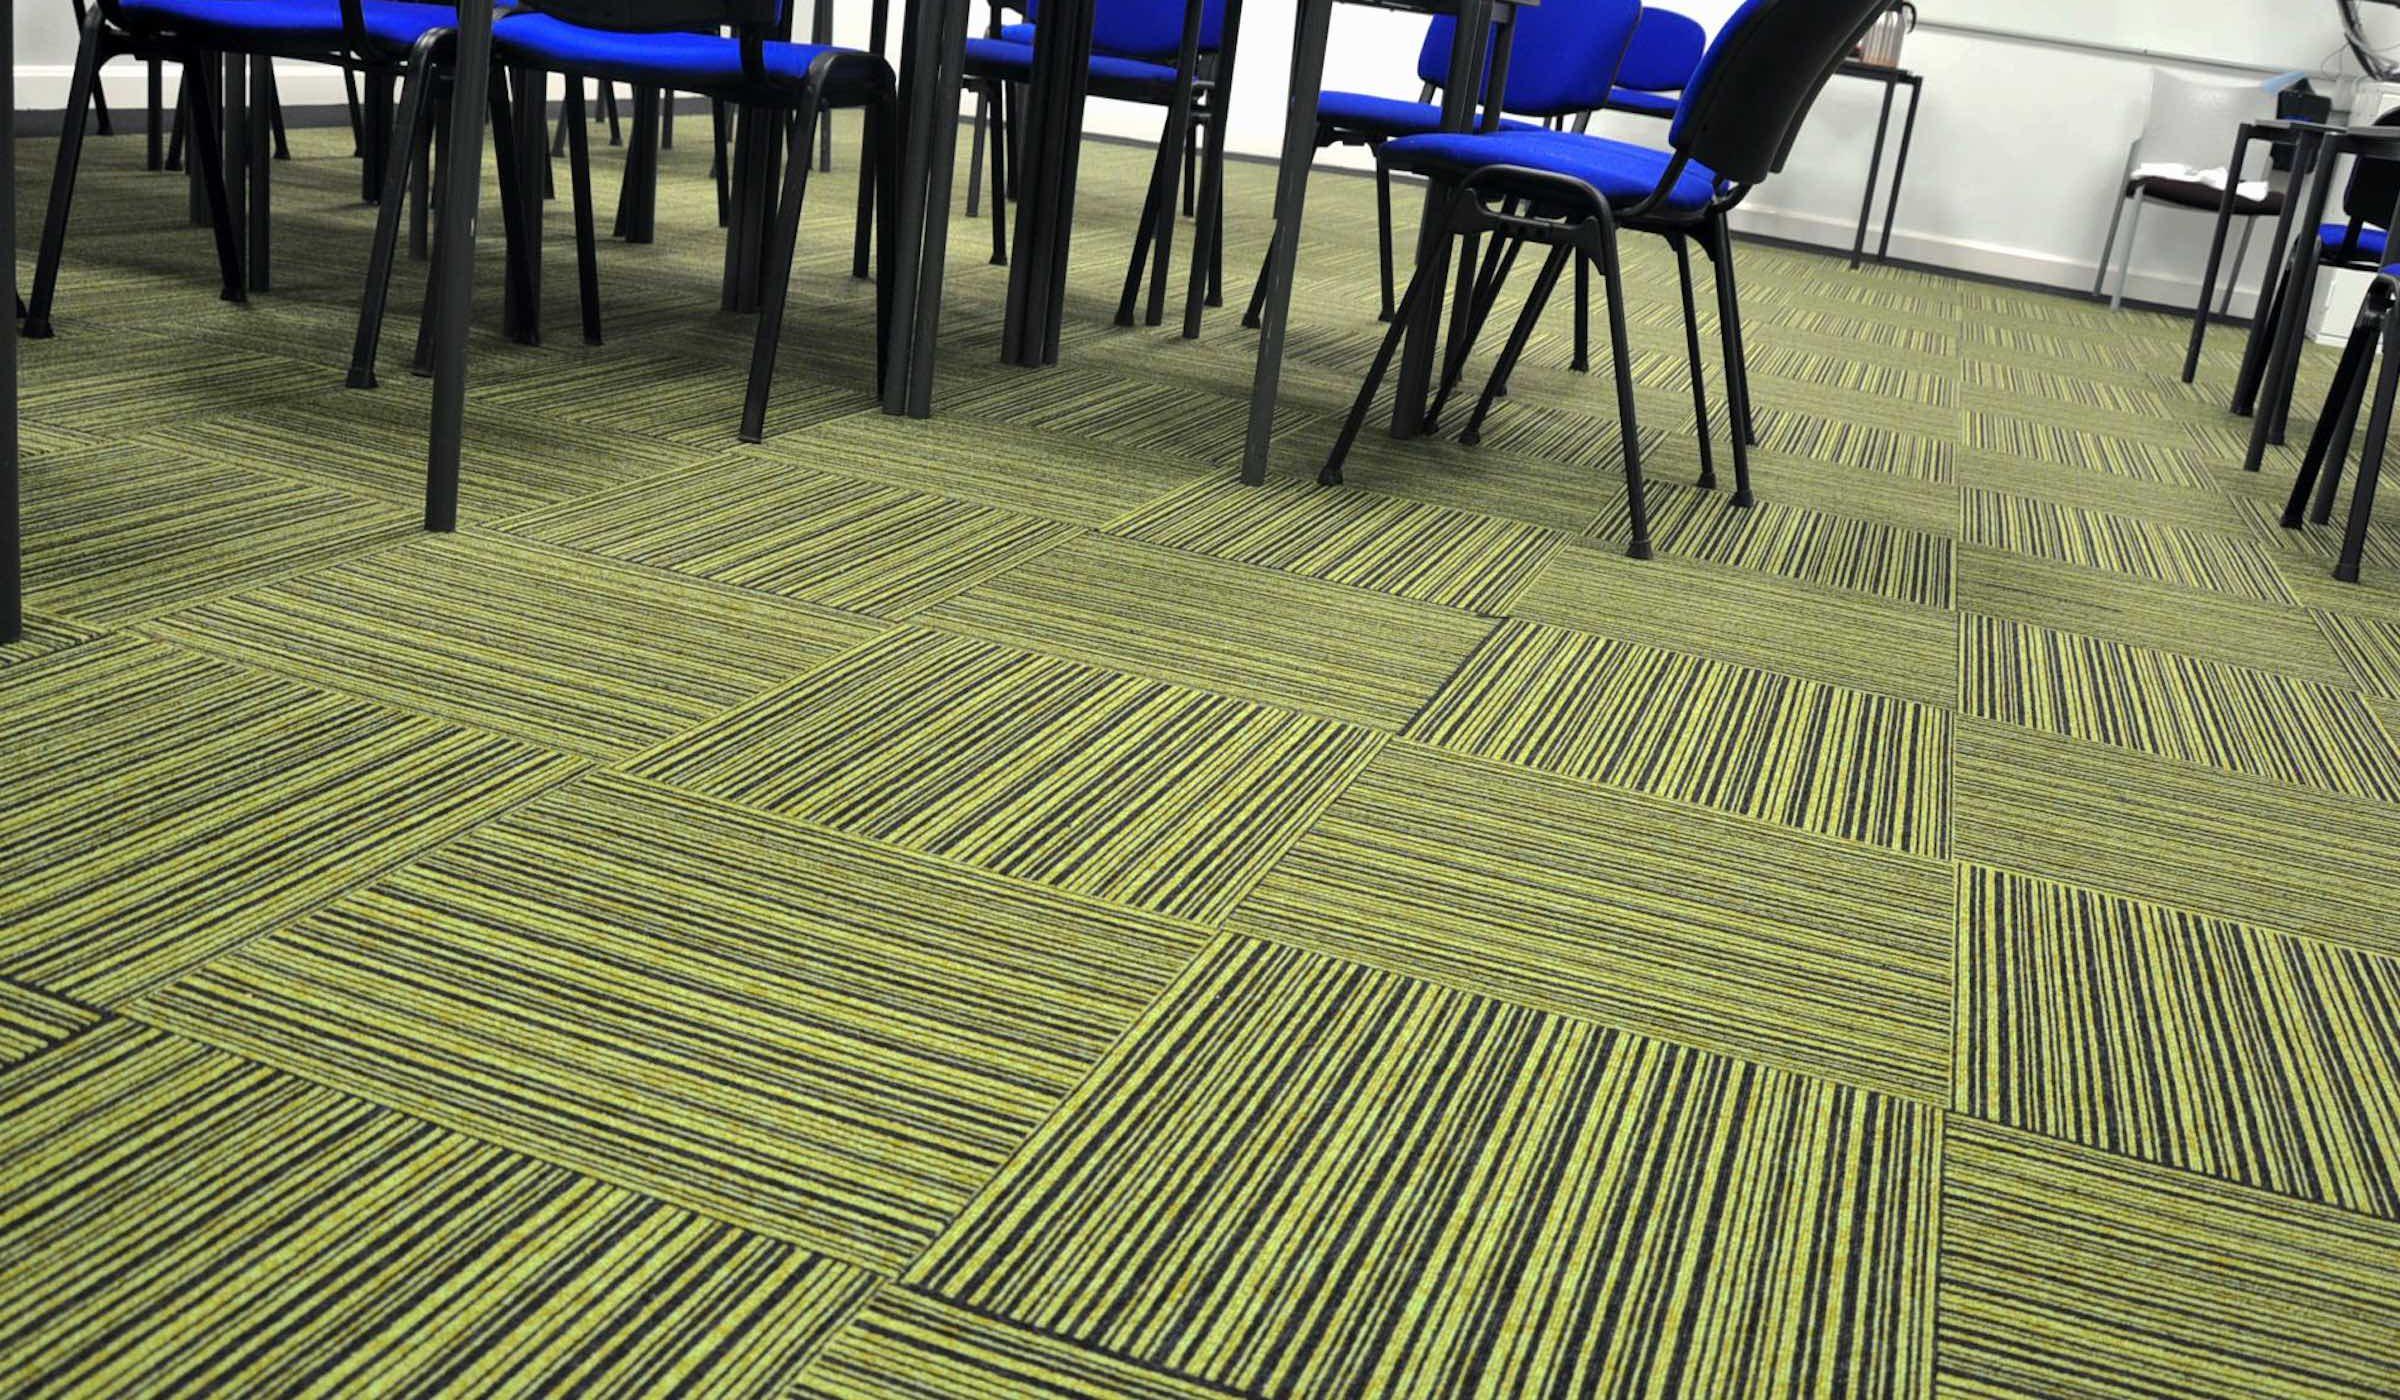 Codec | Paragon Carpet Tiles | Commercial Carpet Tiles | Design Carpet Tiles 2